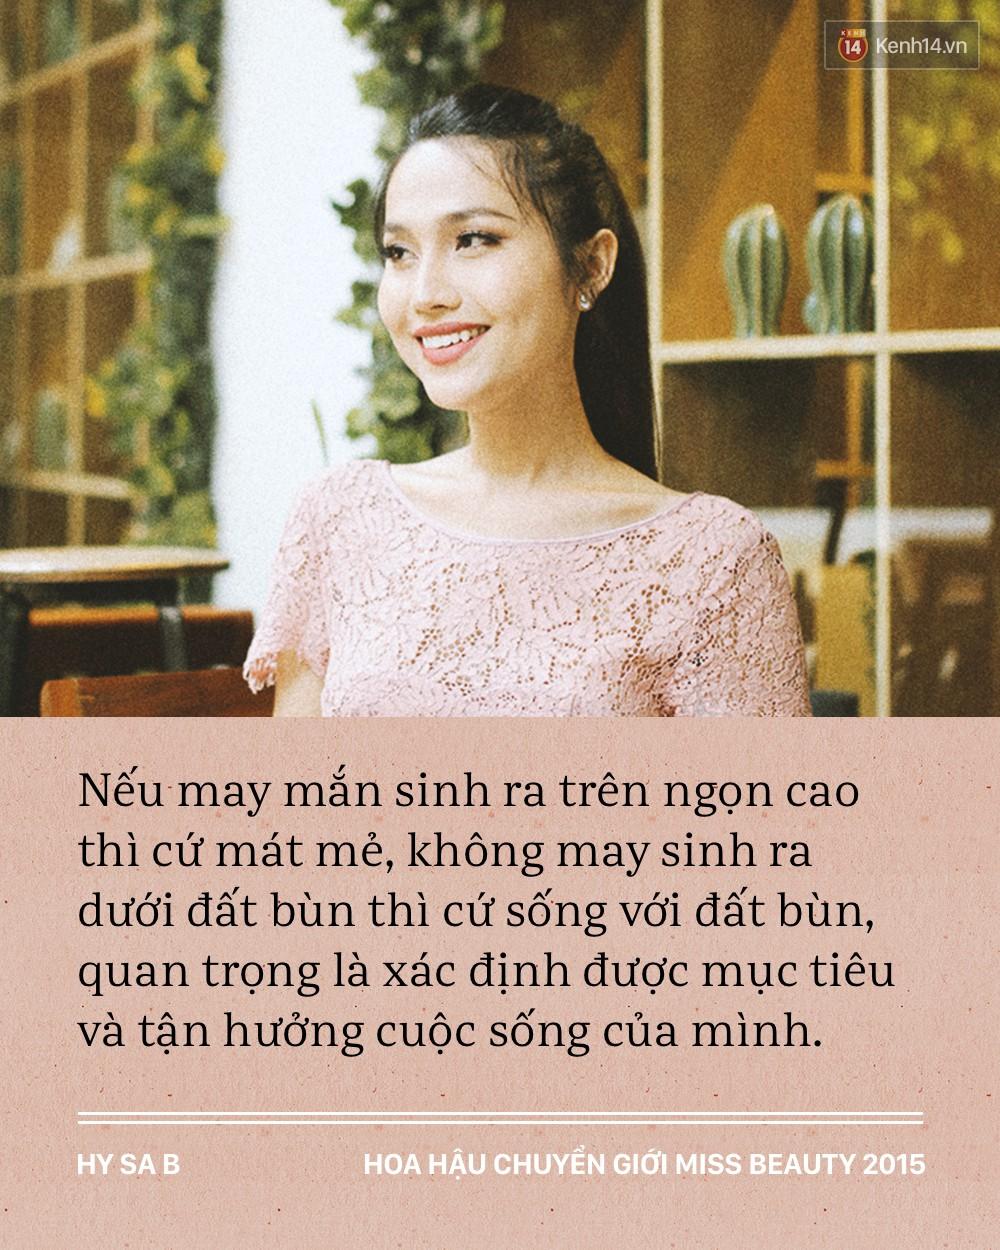 Hoa hậu chuyển giới Việt Nam đầu tiên sau hơn 2 năm đăng quang: Ai cũng nghĩ sau Miss Beauty thì đời mình lên mây - Ảnh 6.